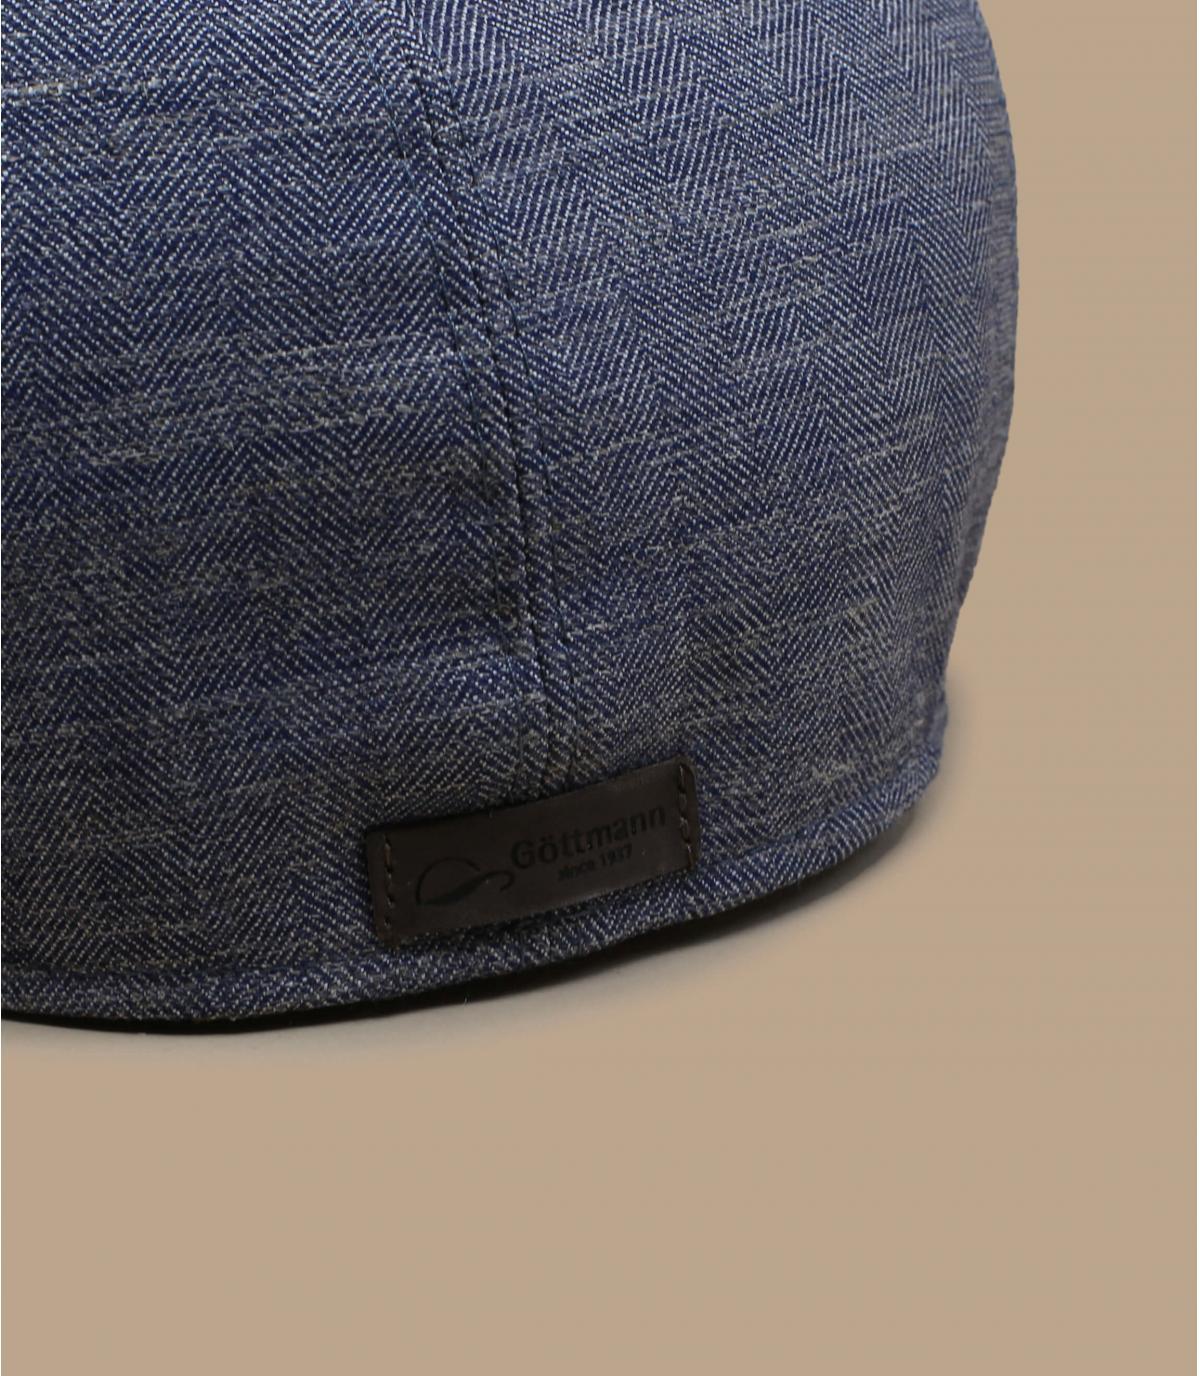 Détails Princeton jeans - image 2